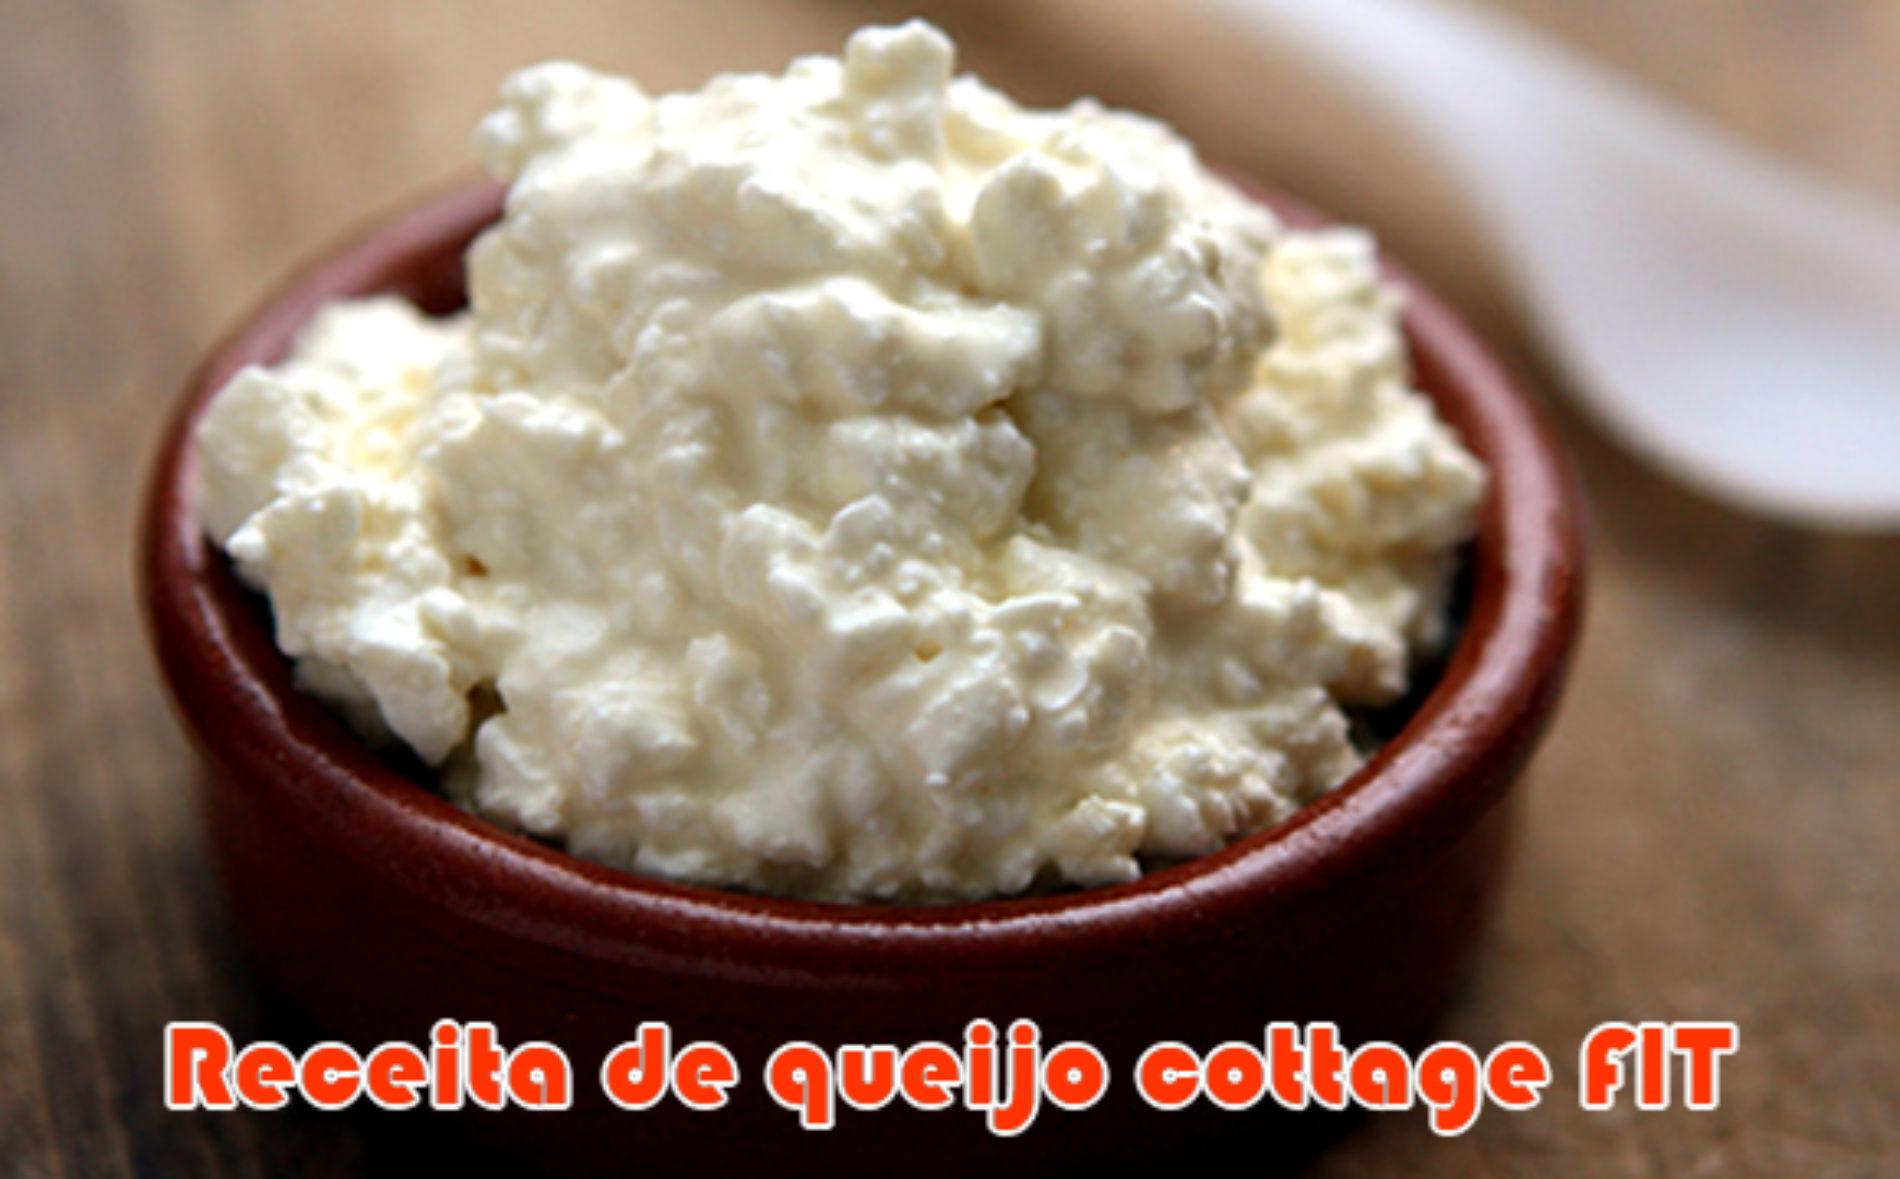 Receita FIT de queijo cottage caseiro